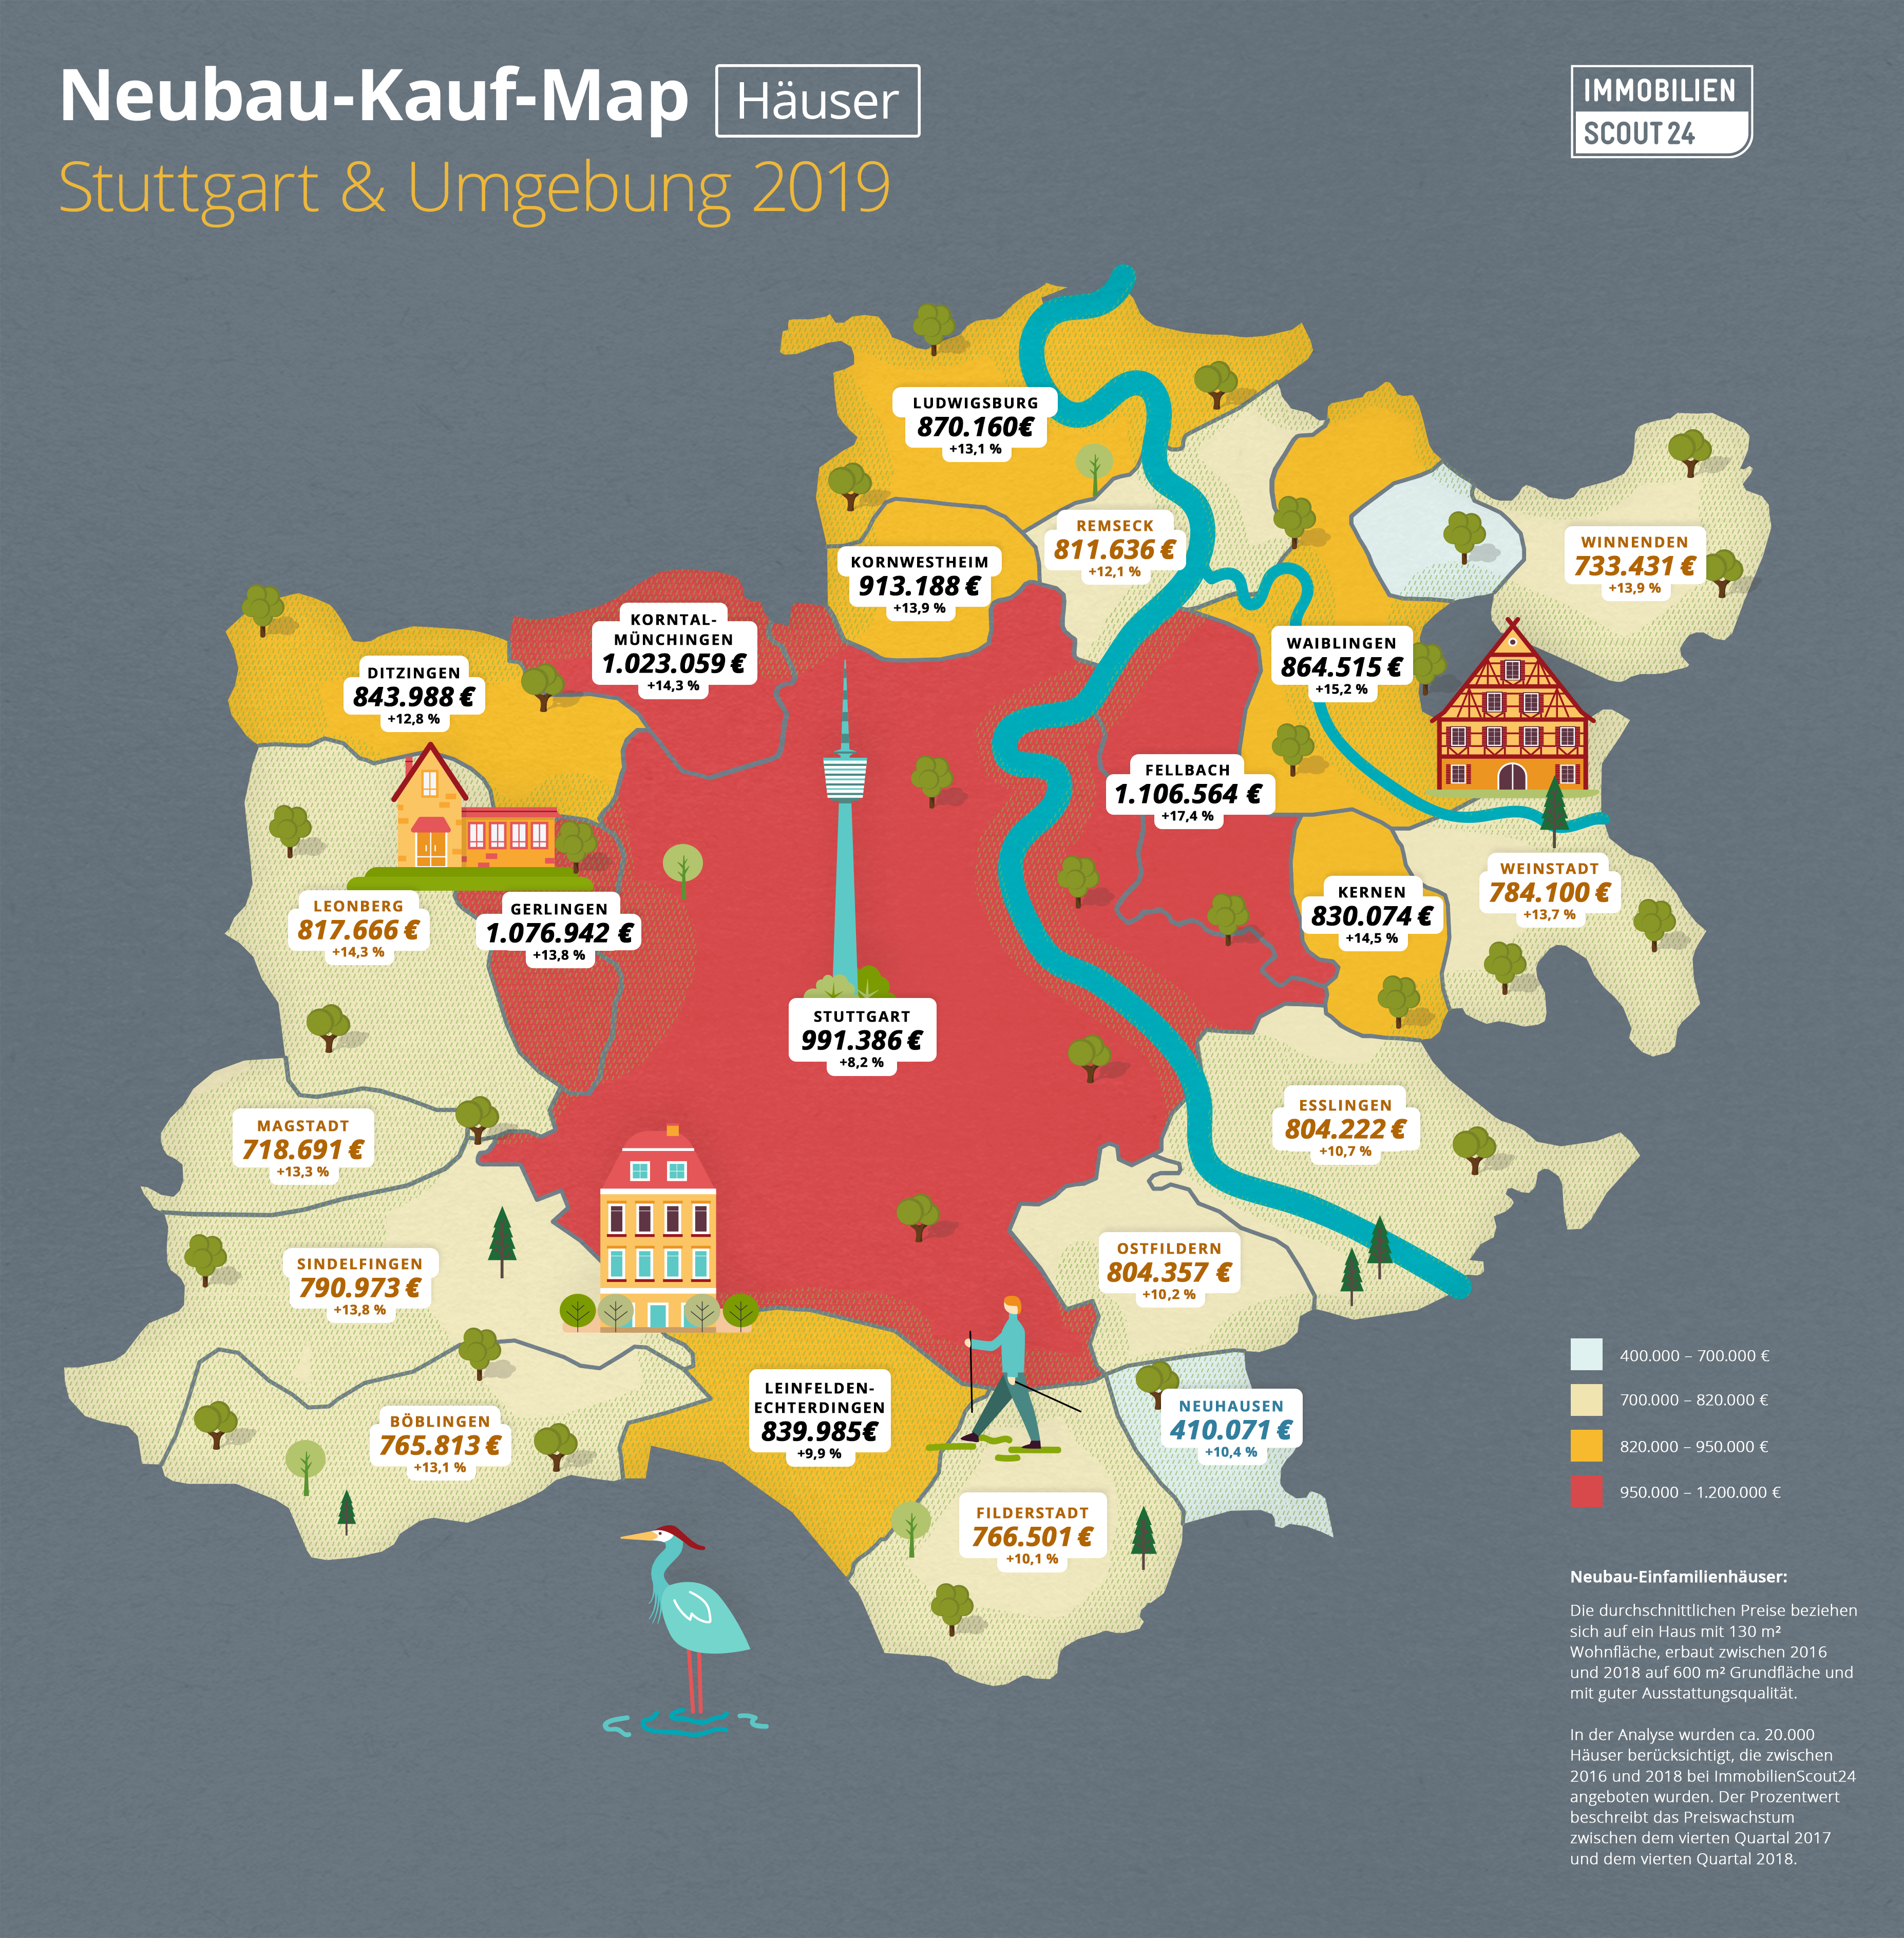 Hauspreise In Stuttgart Immobilienpreise 2019